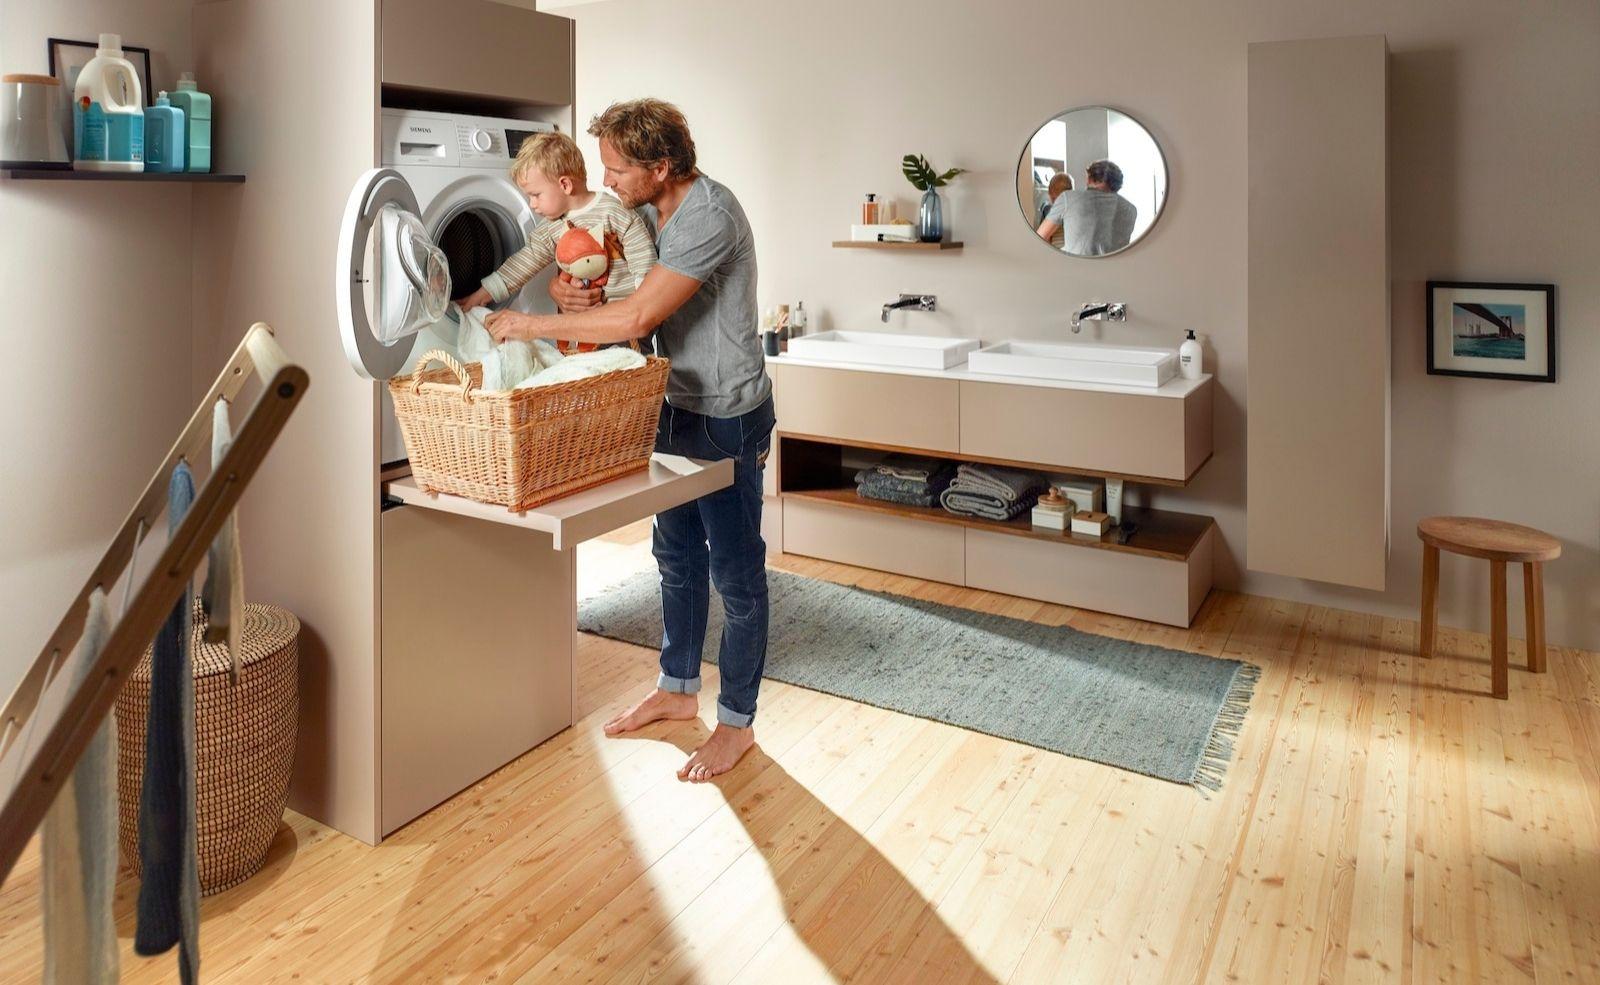 Blum Tablar fürs Badezimmer